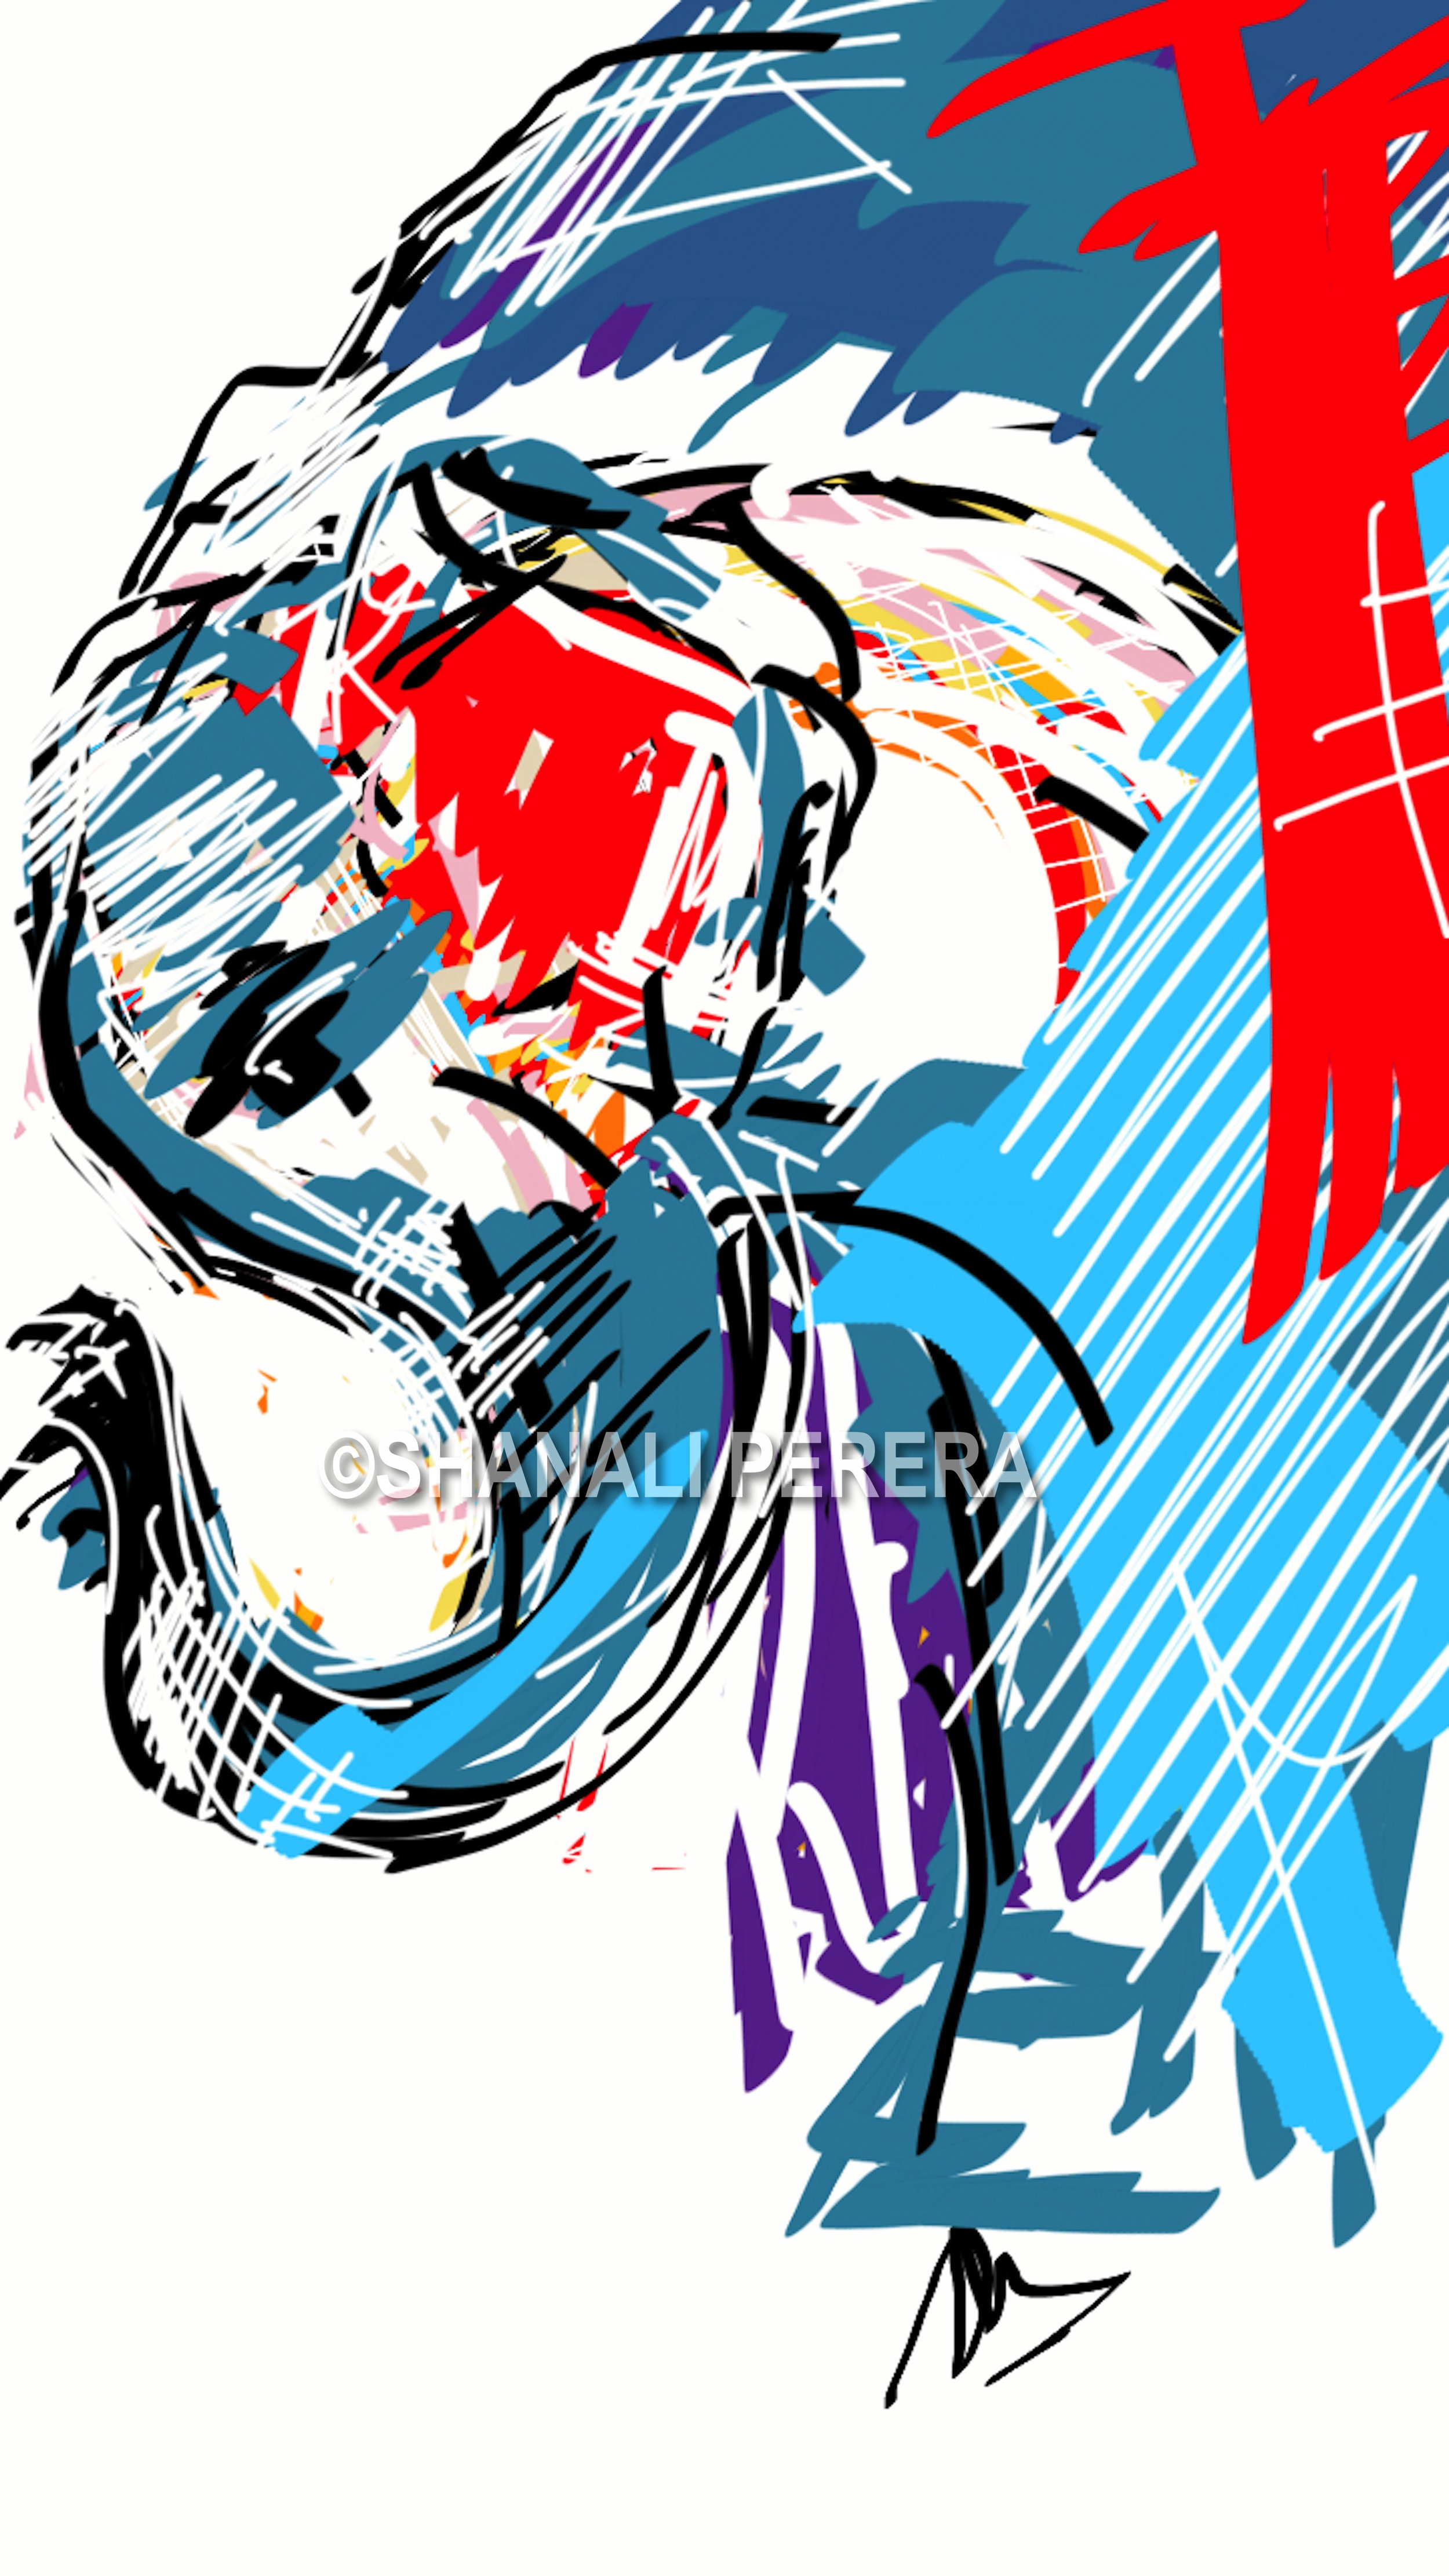 sketch-1478116576257.jpg